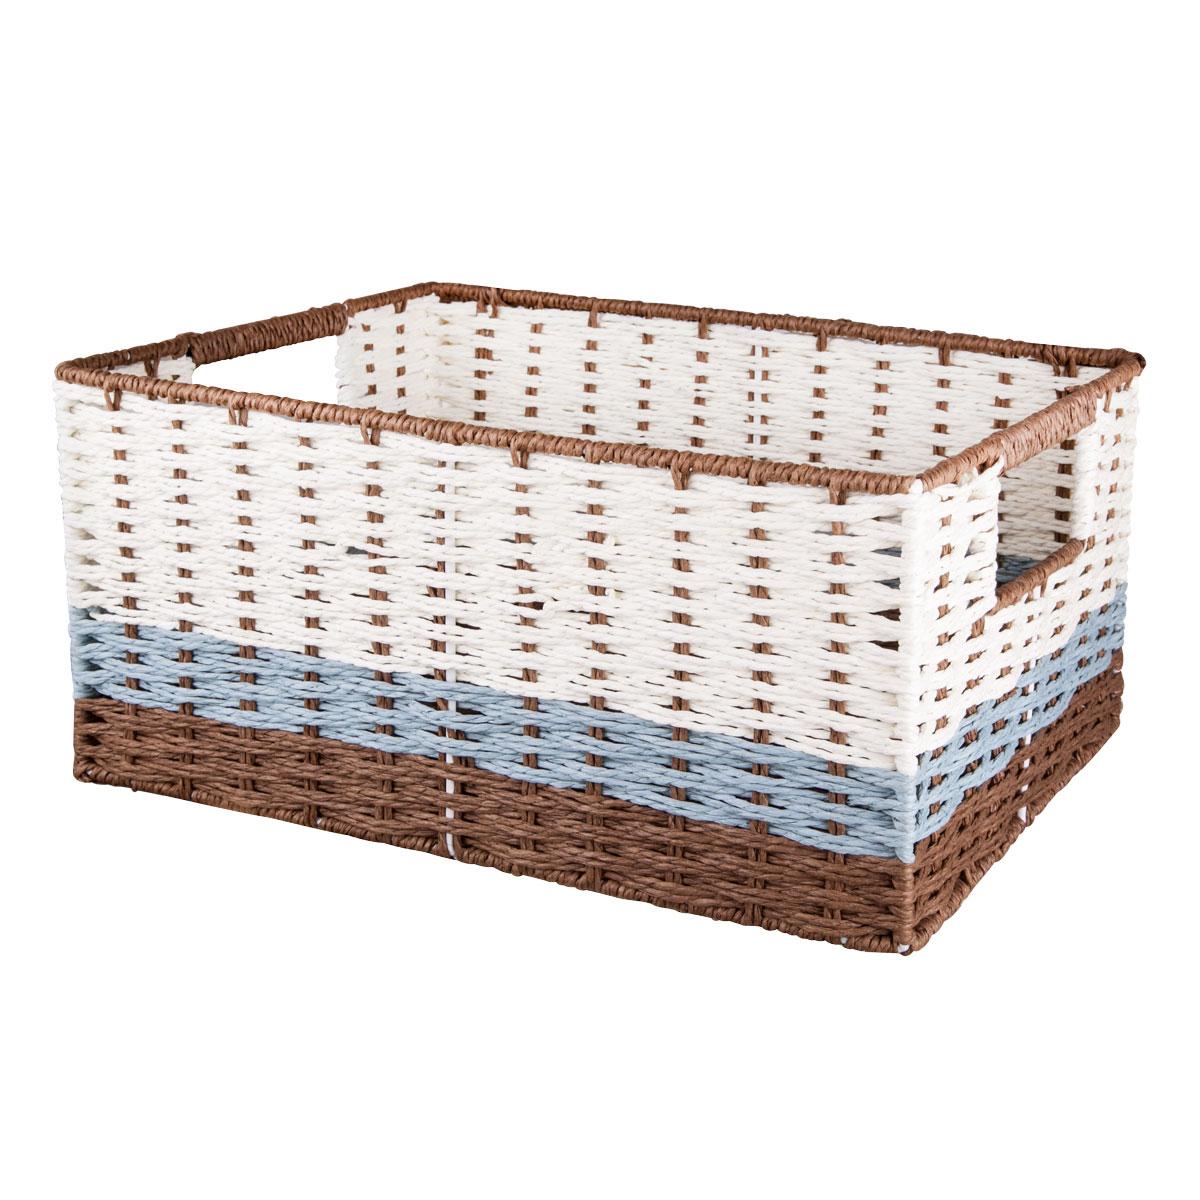 Набор корзин для хранения Miolla, без крышки. BSK6BSK6Практичные и эстетичные наборы плетеных корзин Miolla станут настоящим украшением интерьера вашего жилья. Стильные, красивые и невероятно удобные, они позволят разместить множество вещей и спрятать от посторонних глаз бытовые мелочи.